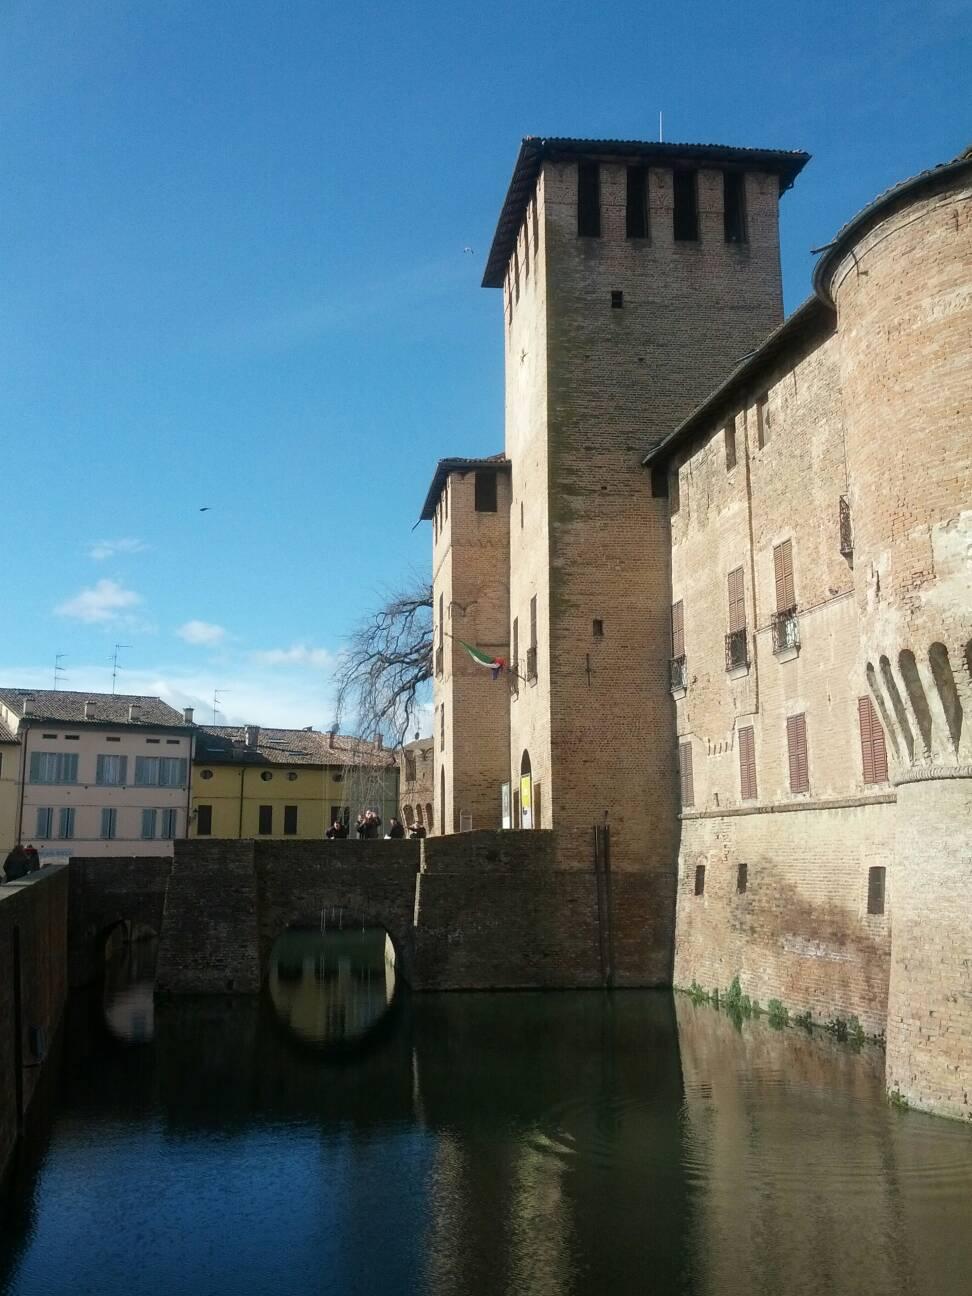 Castelli e piccoli borghi il fascino dell 39 italia nascosta - Finestre castelli medievali ...